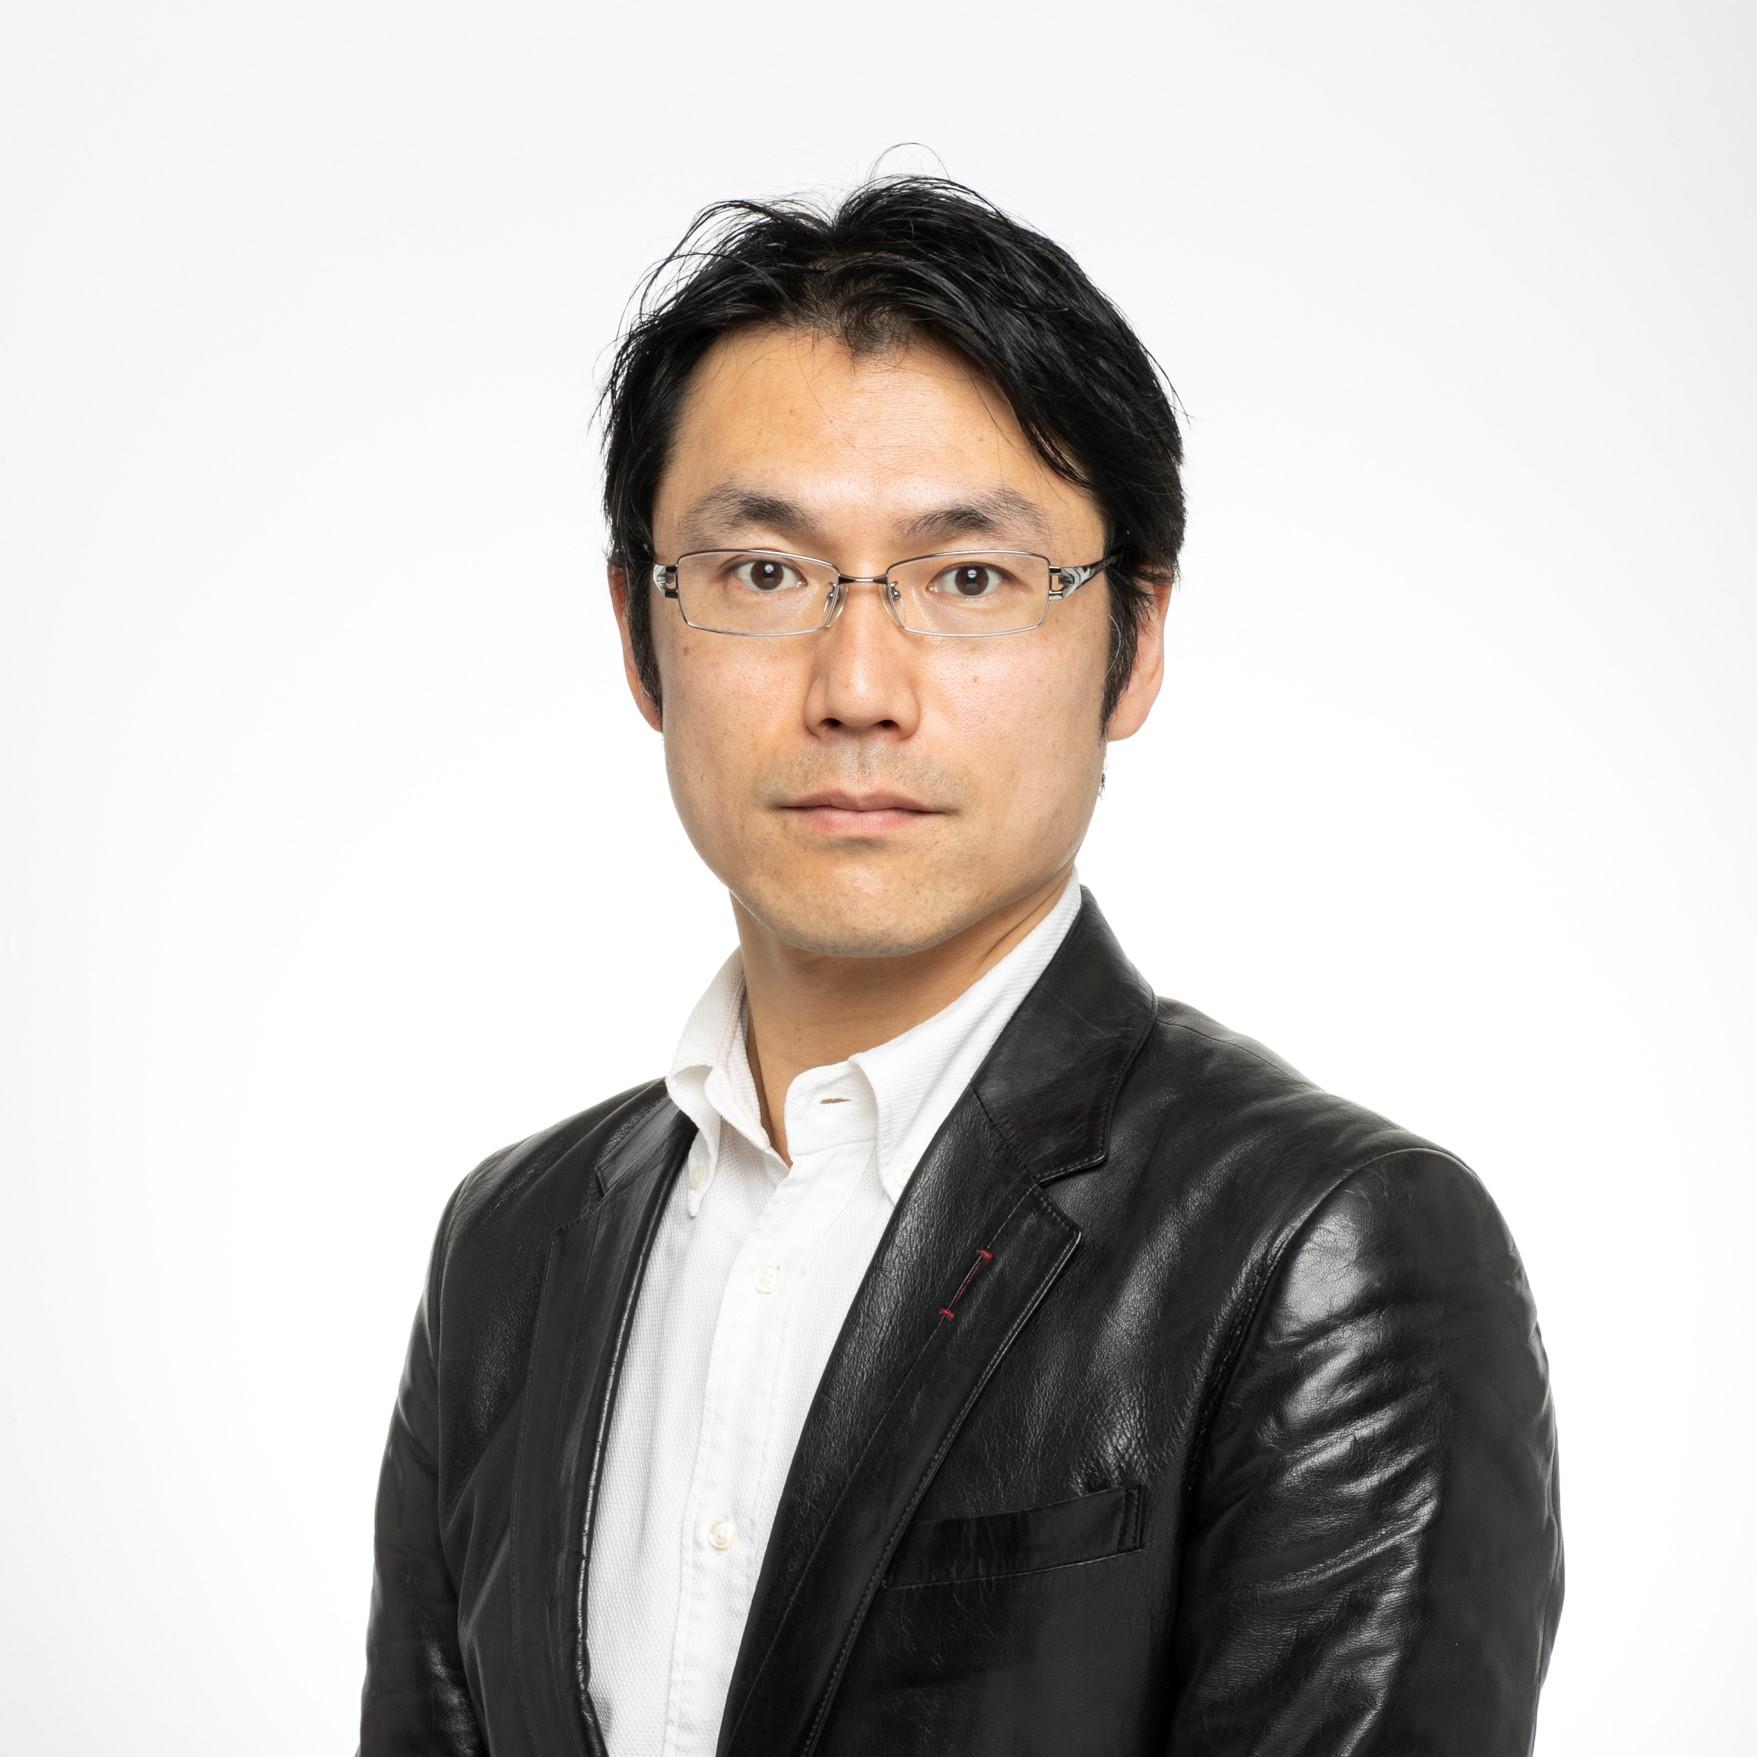 Yuichi Hiroi